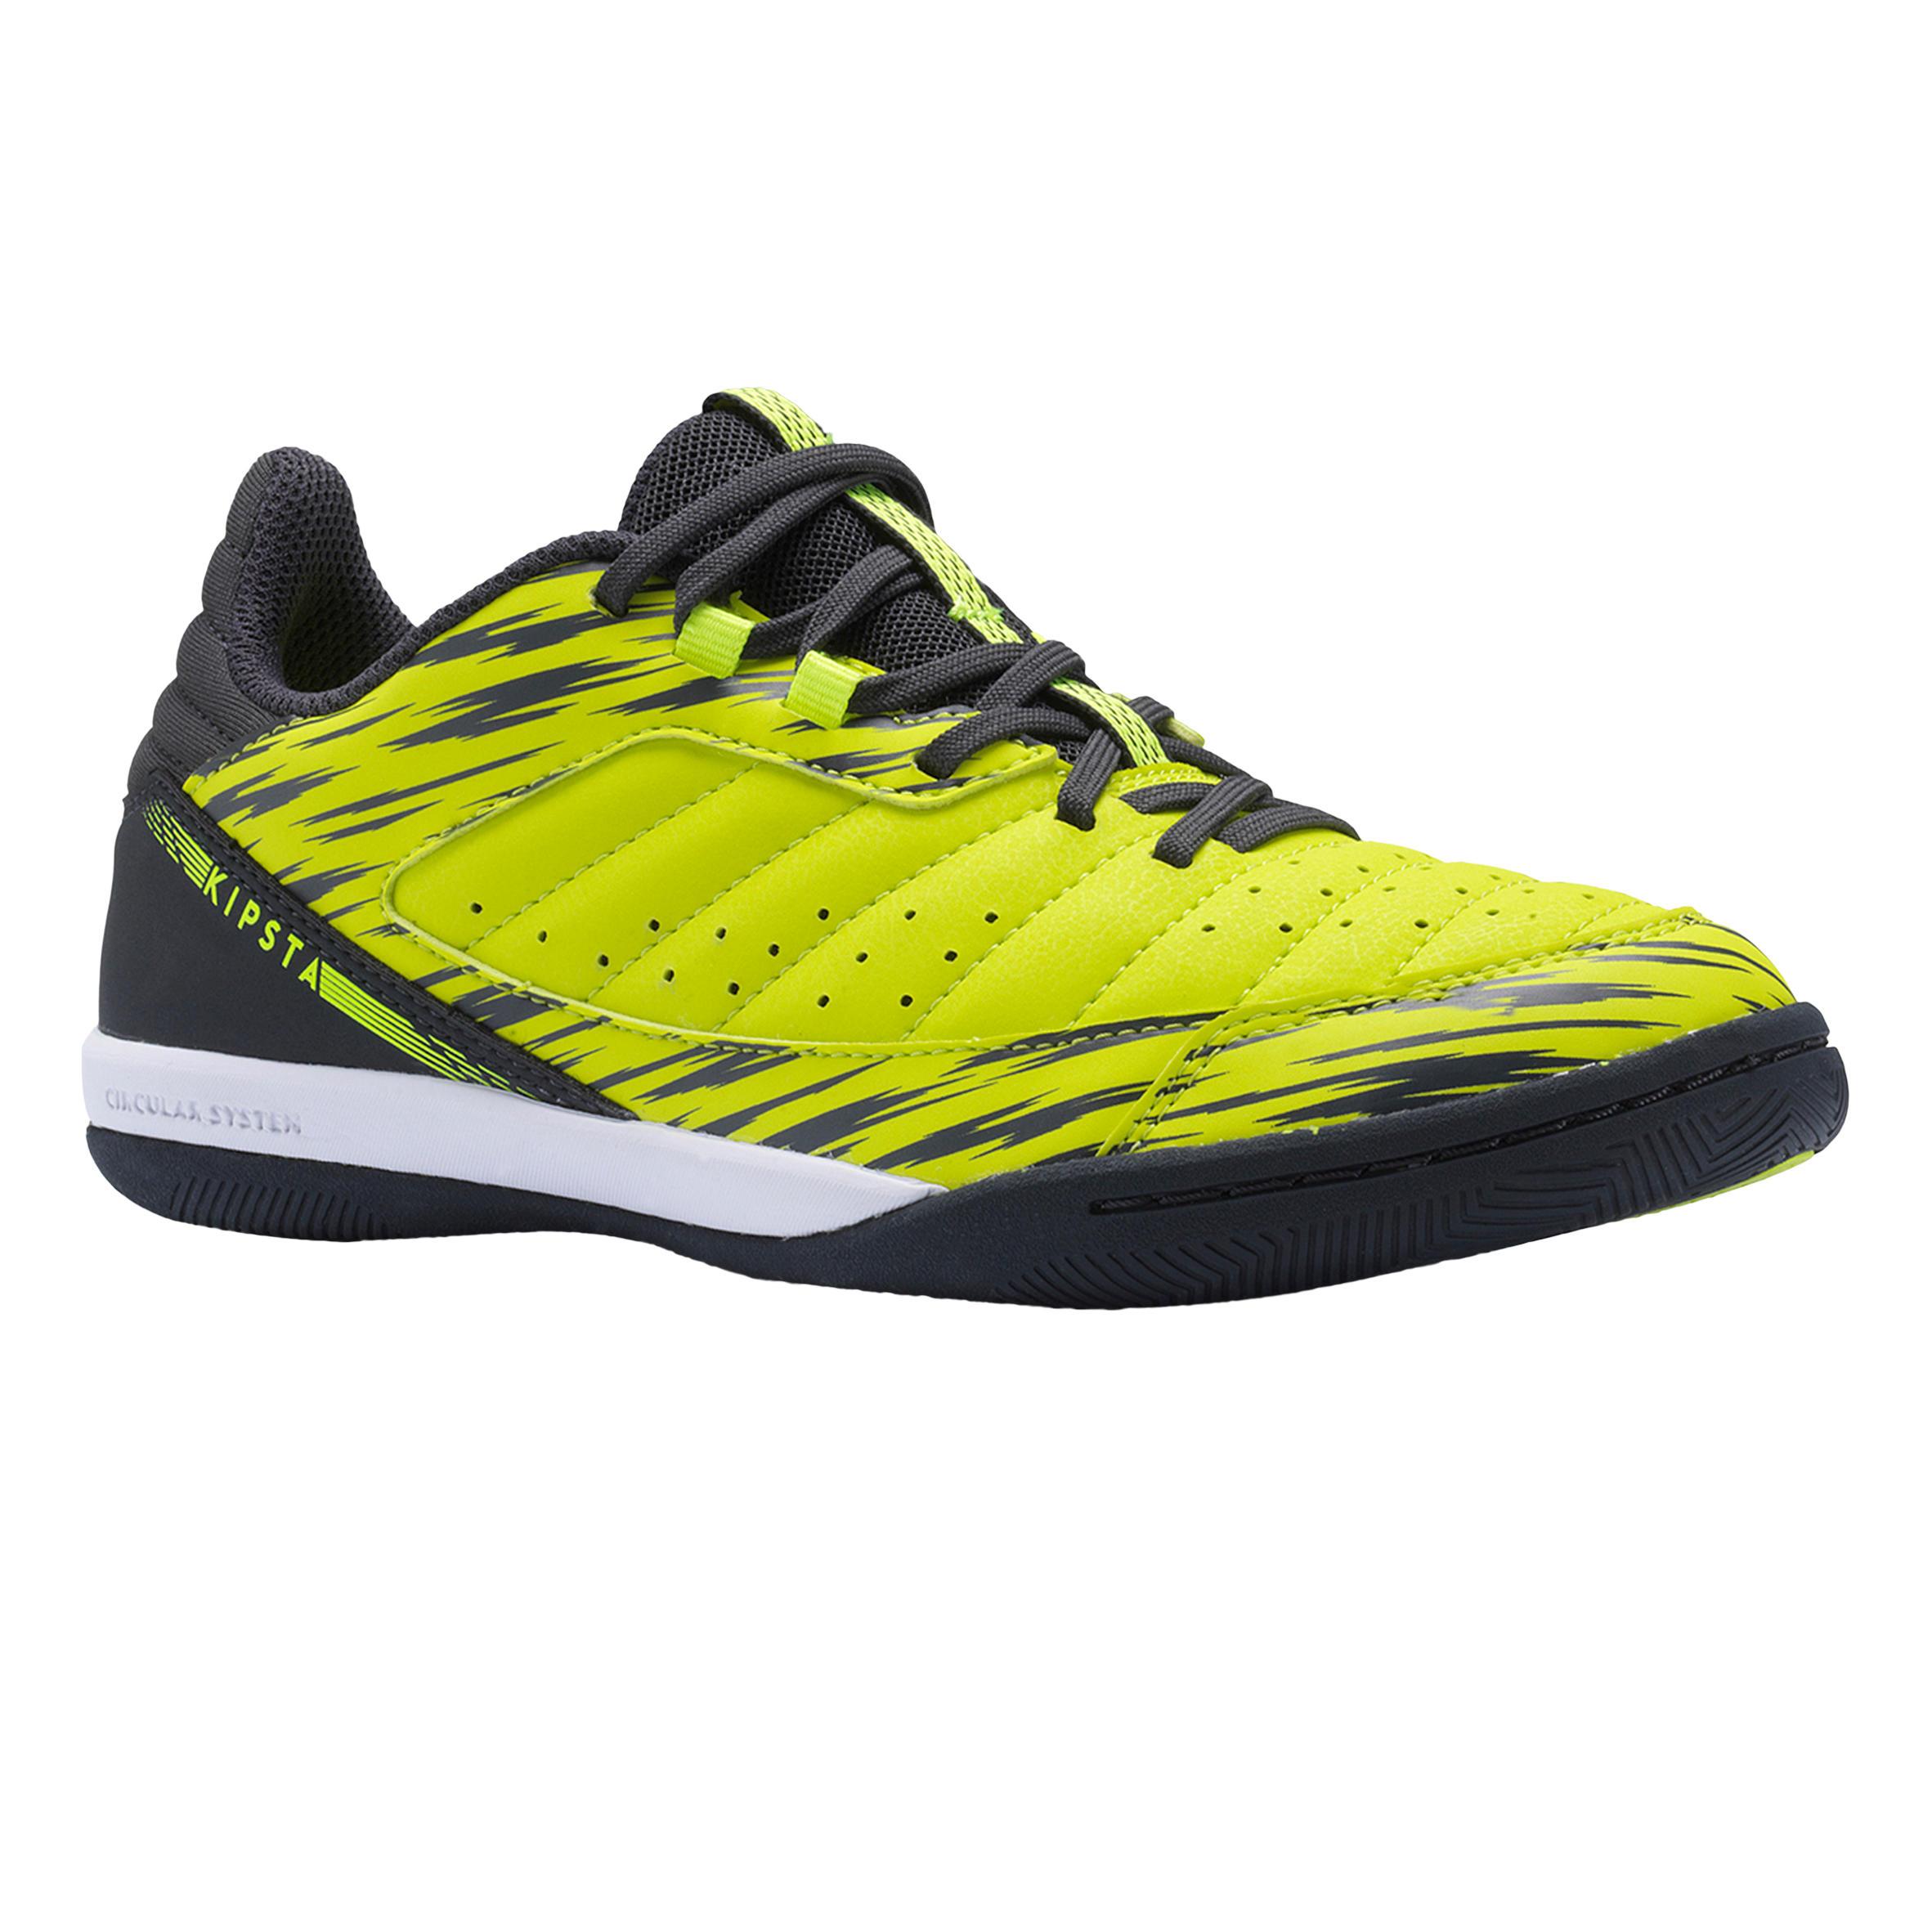 3b645033ec138 Comprar Zapatillas de Fútbol Sala online